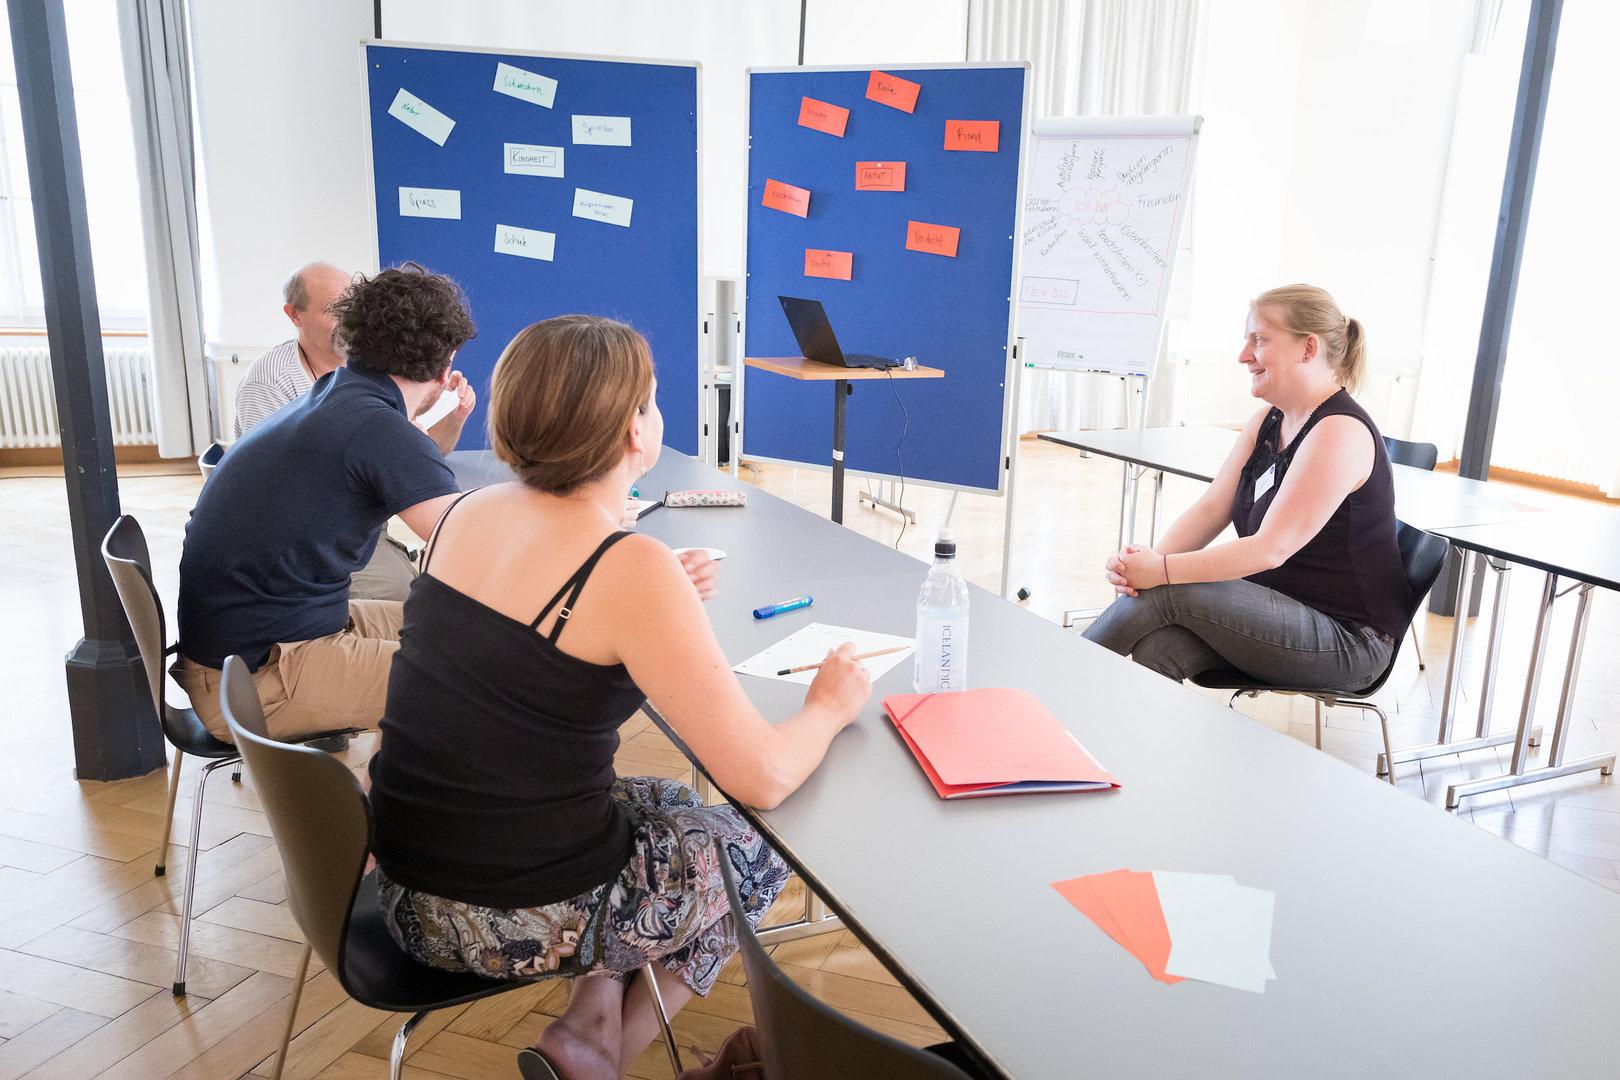 Anna Tavernini, Radioschule klipp+klang im Gespräch mit ihren Workshop-Teilnehmer*innen.